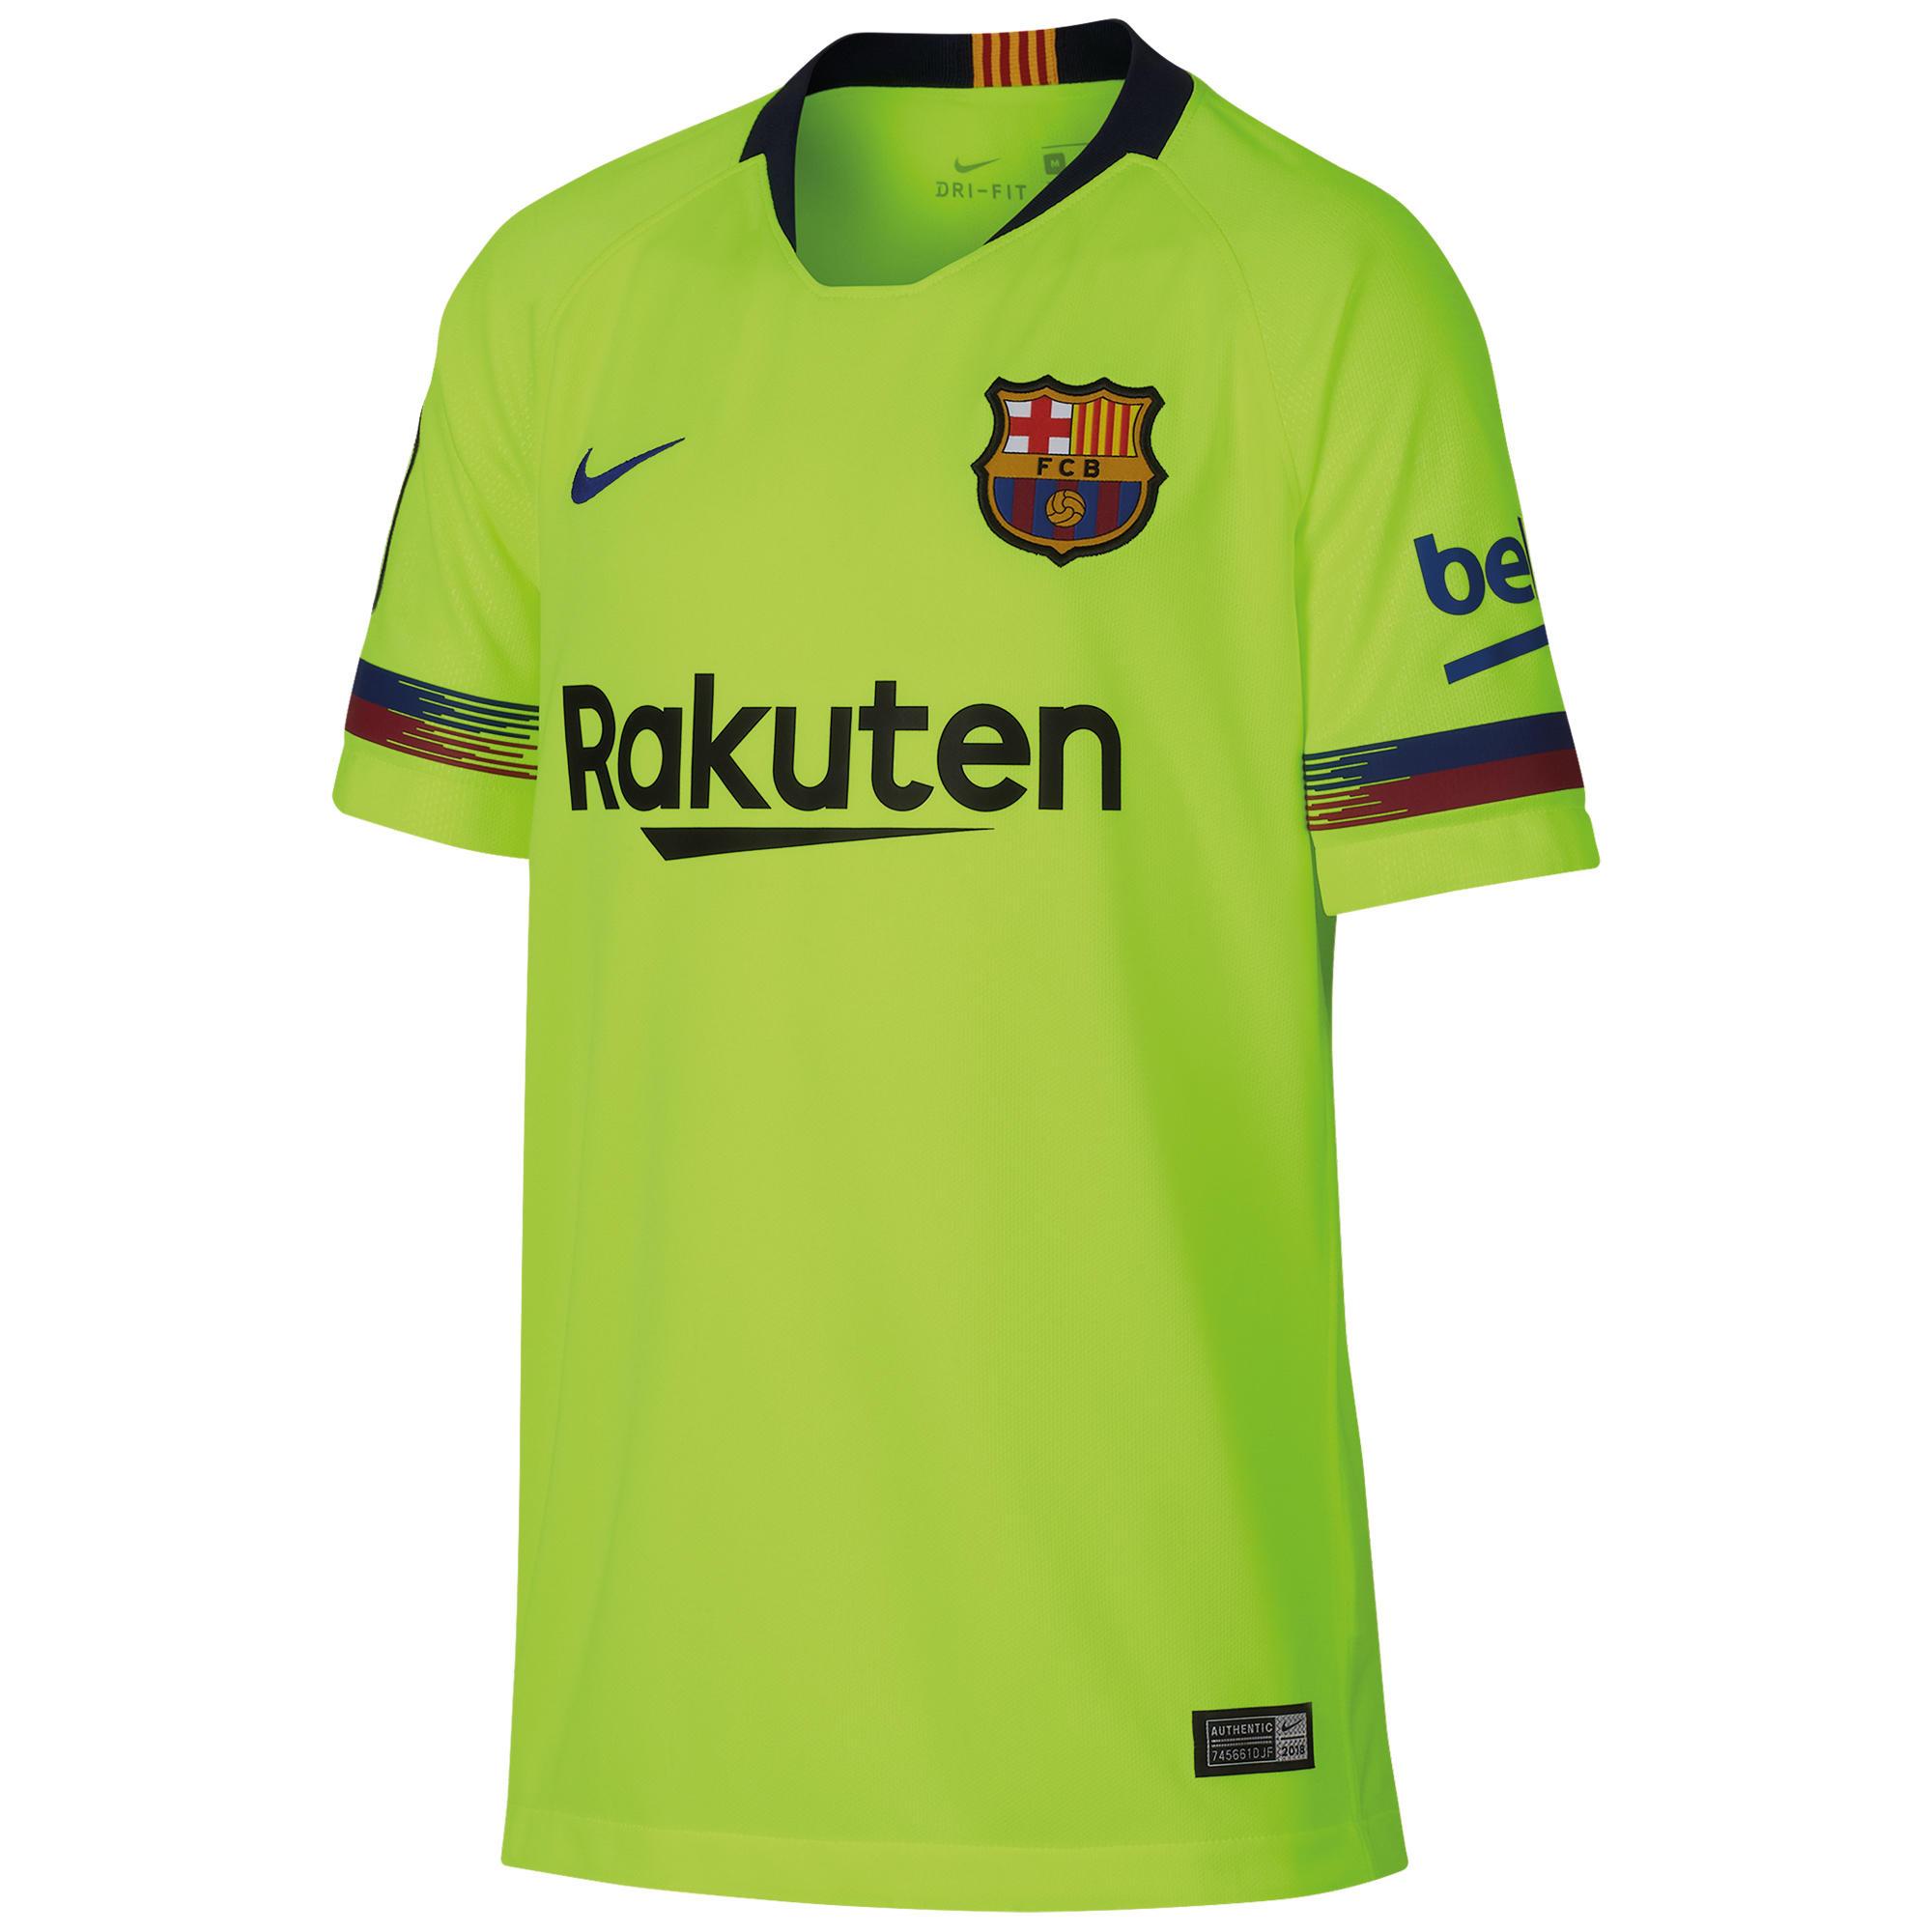 34bf3729fe Equipación y Camiseta Oficial F.C. Barcelona 18/19 | Decathlon